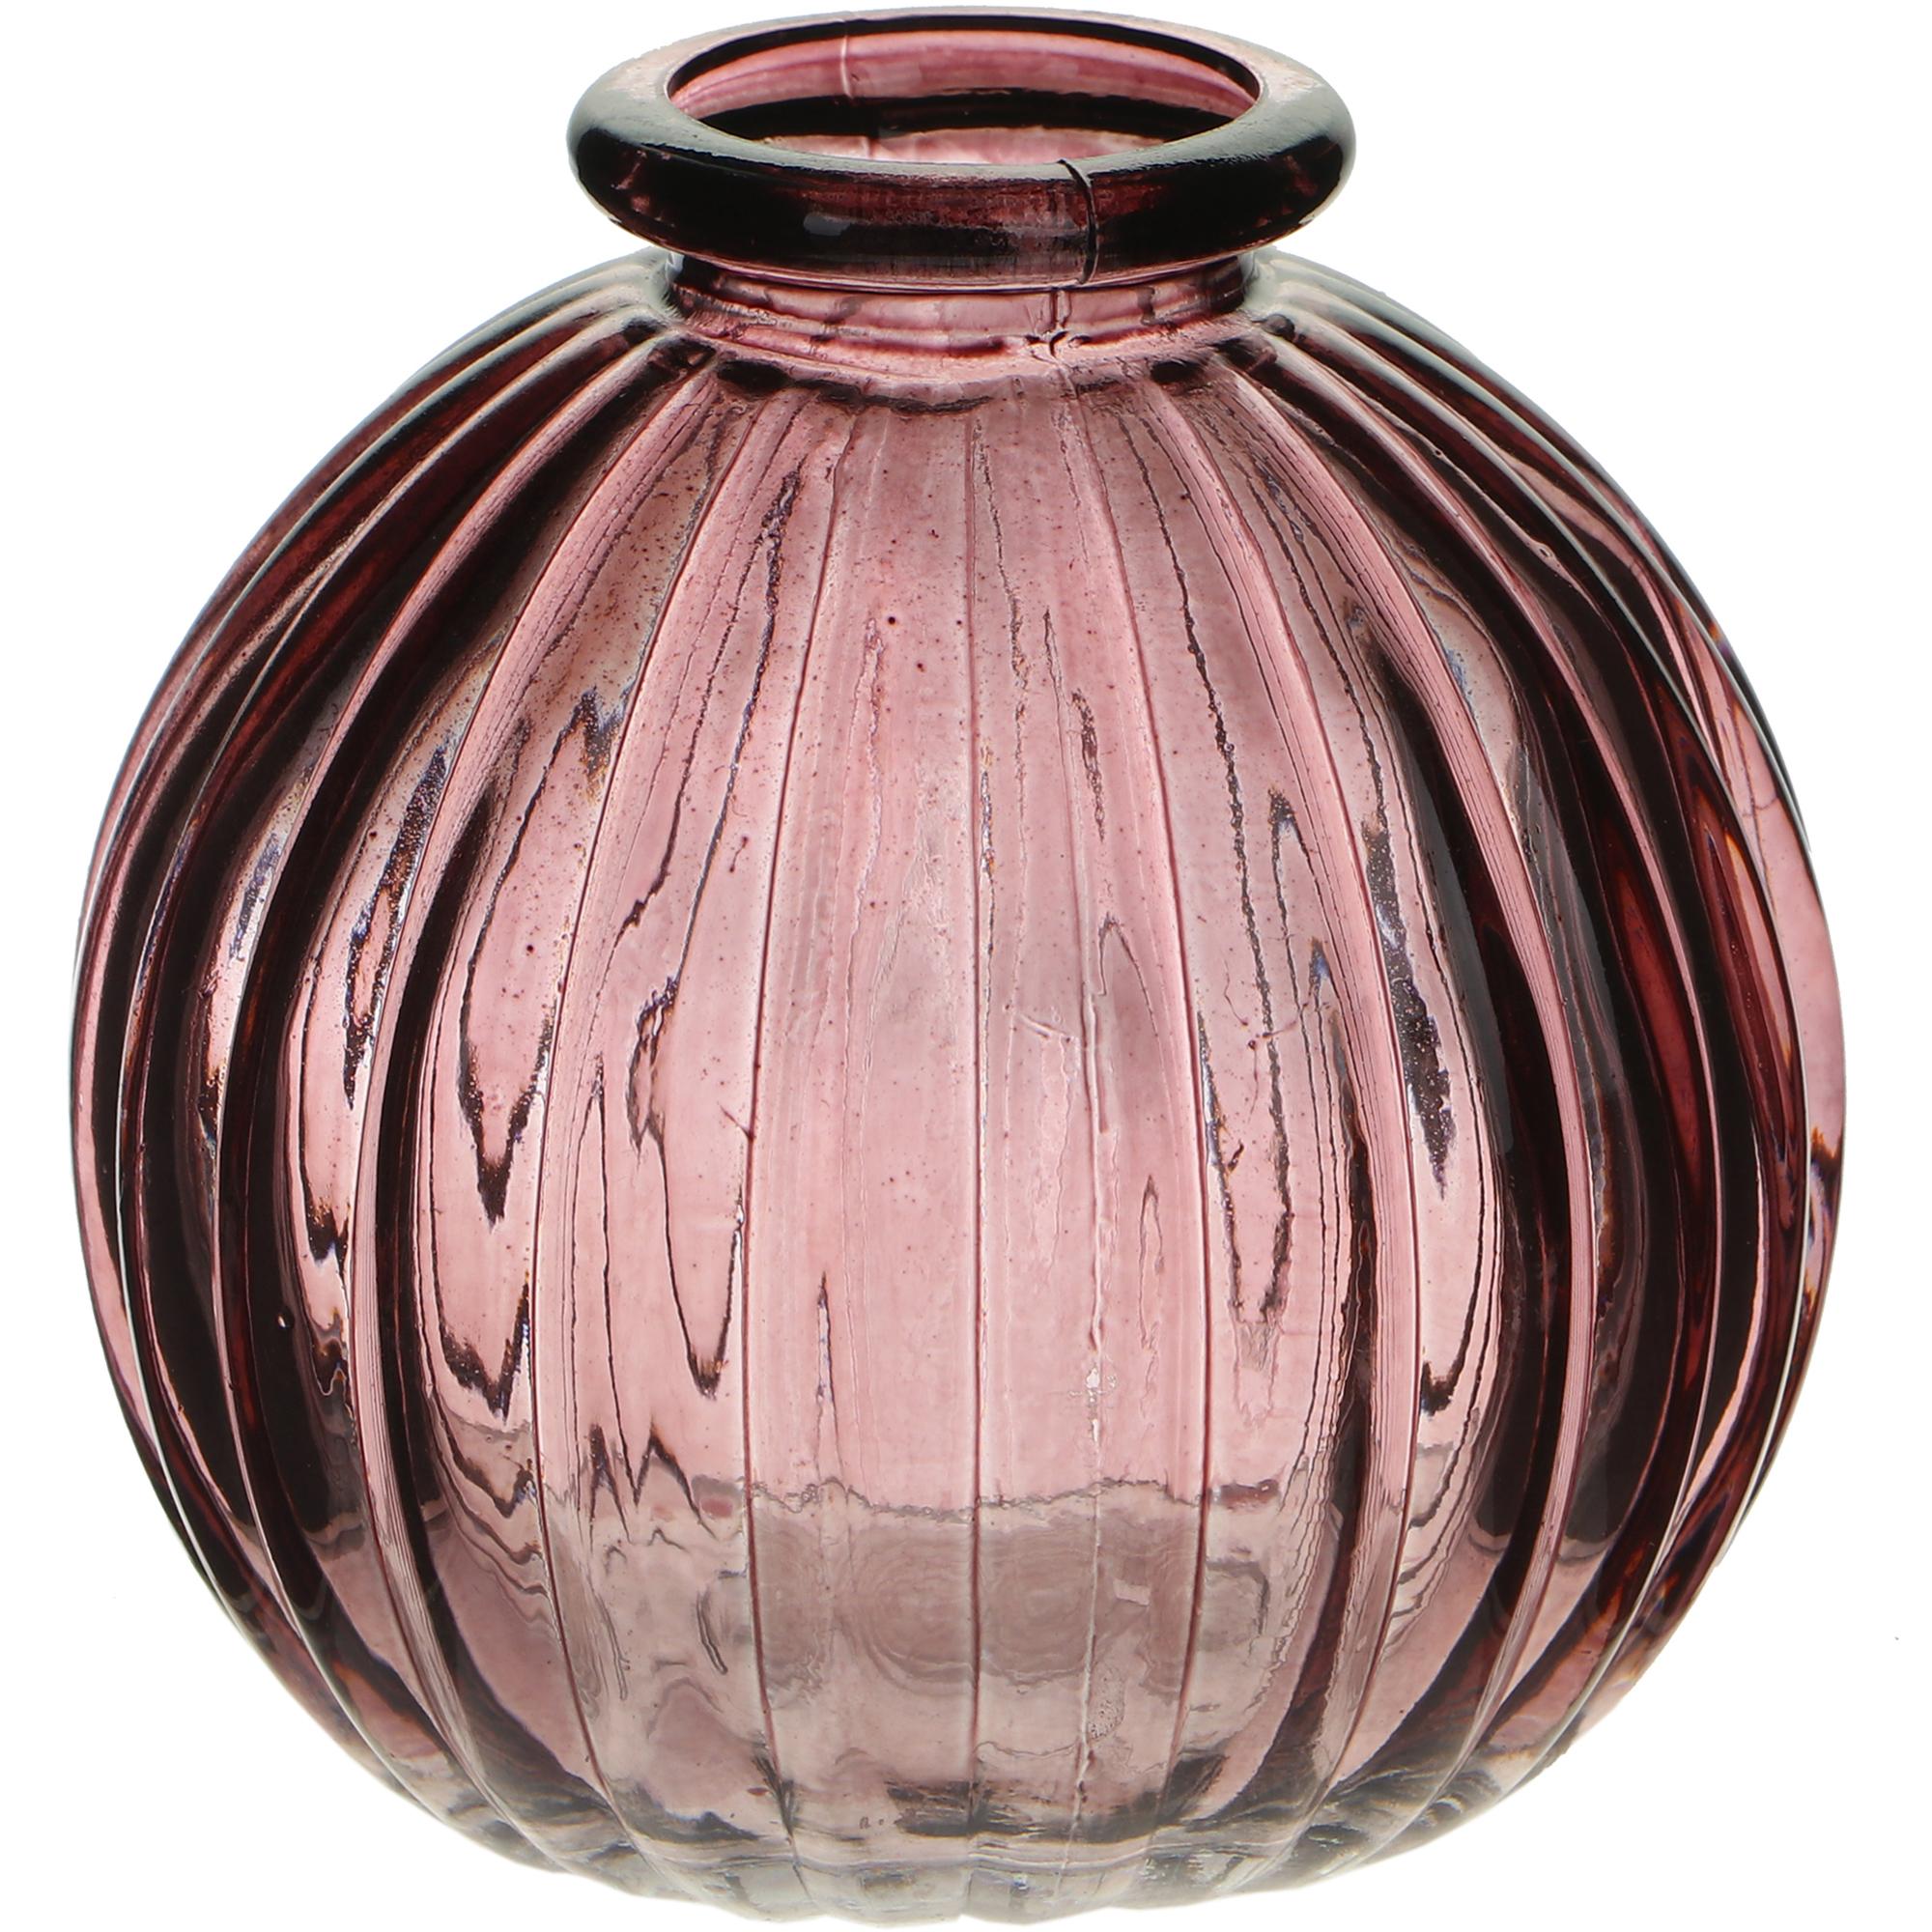 Ваза стеклянная Hakbijl Glass Mini Vase розовая 8,5х8 см